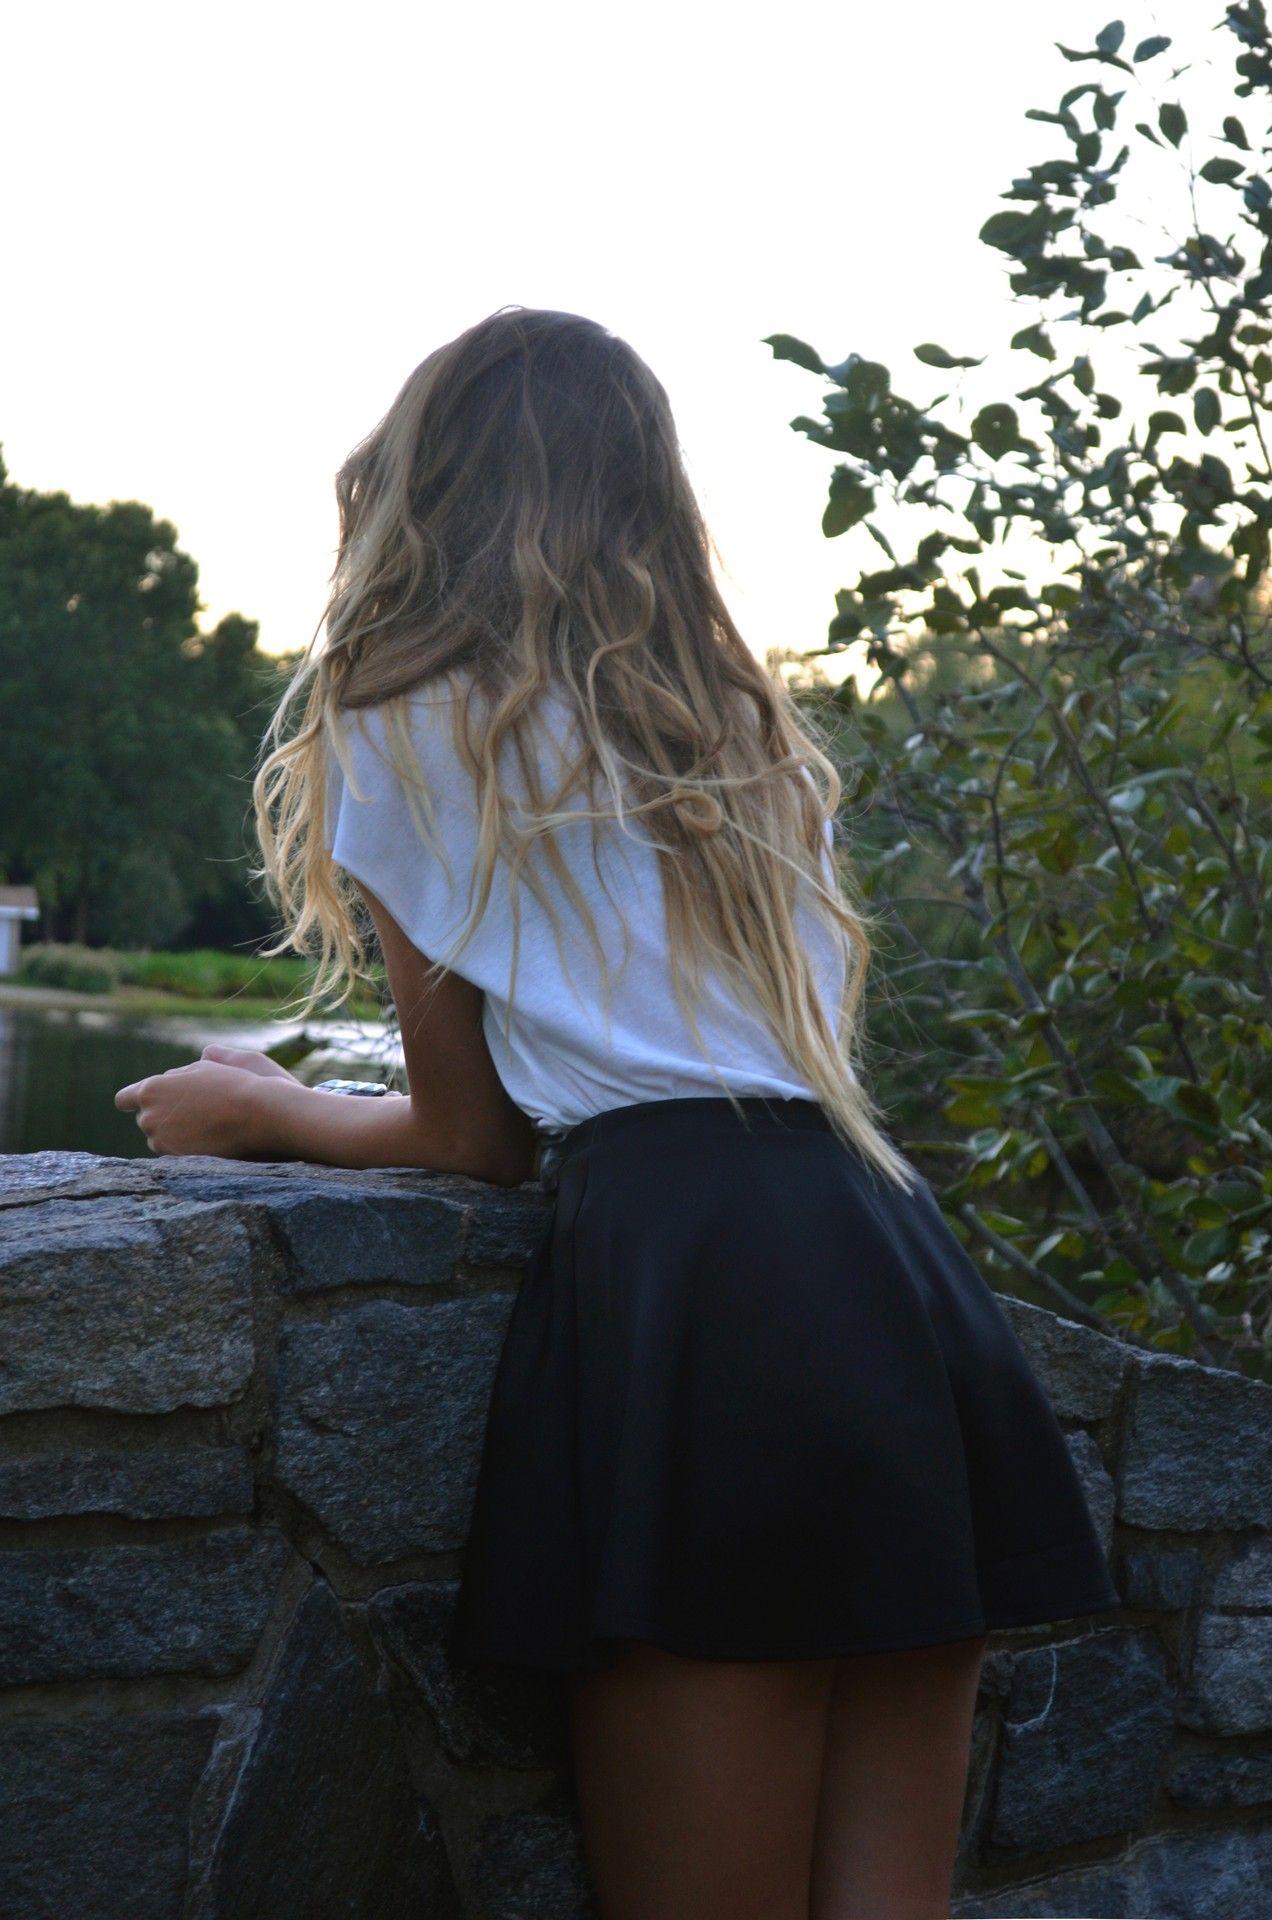 perfect outfit/hair #blonde #hair #pretty